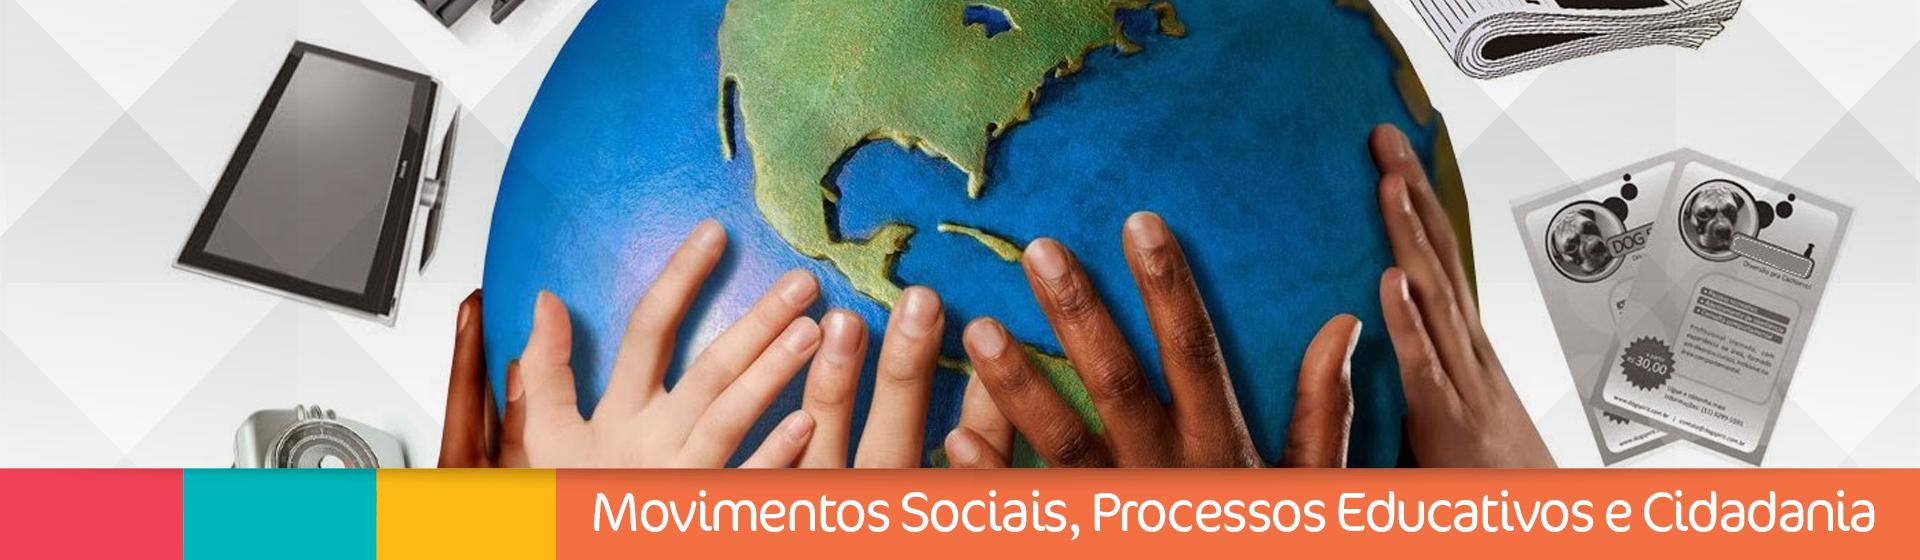 Movimentos sociais processos educativos cidadania 1